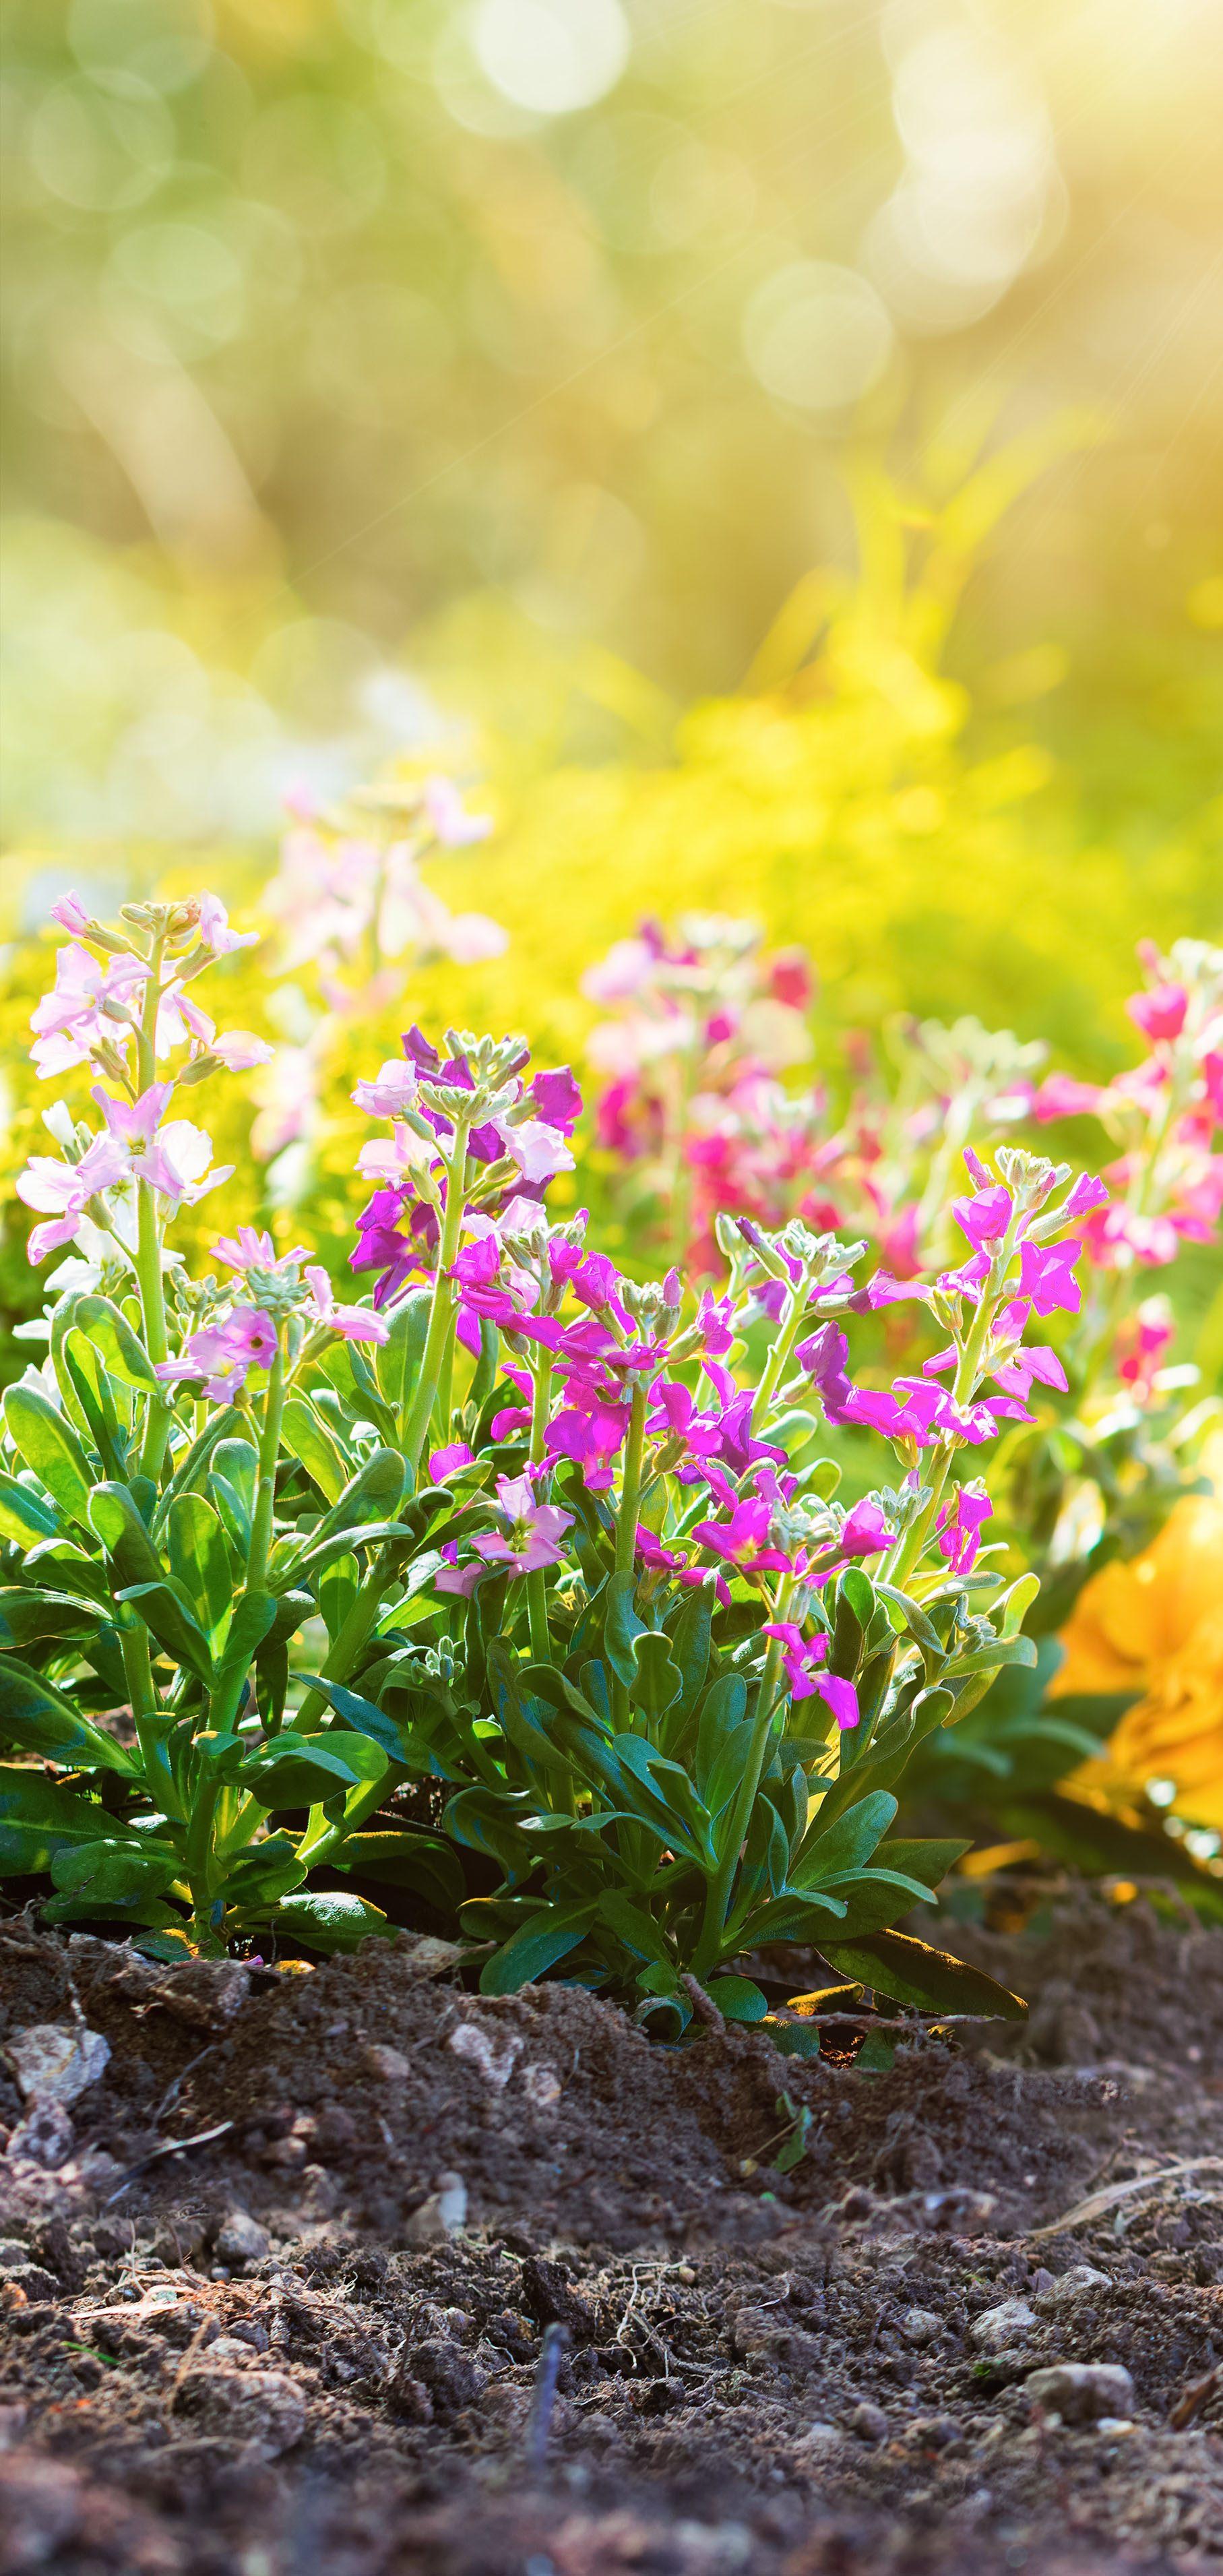 Blumen mit Sonnenschein im Garten